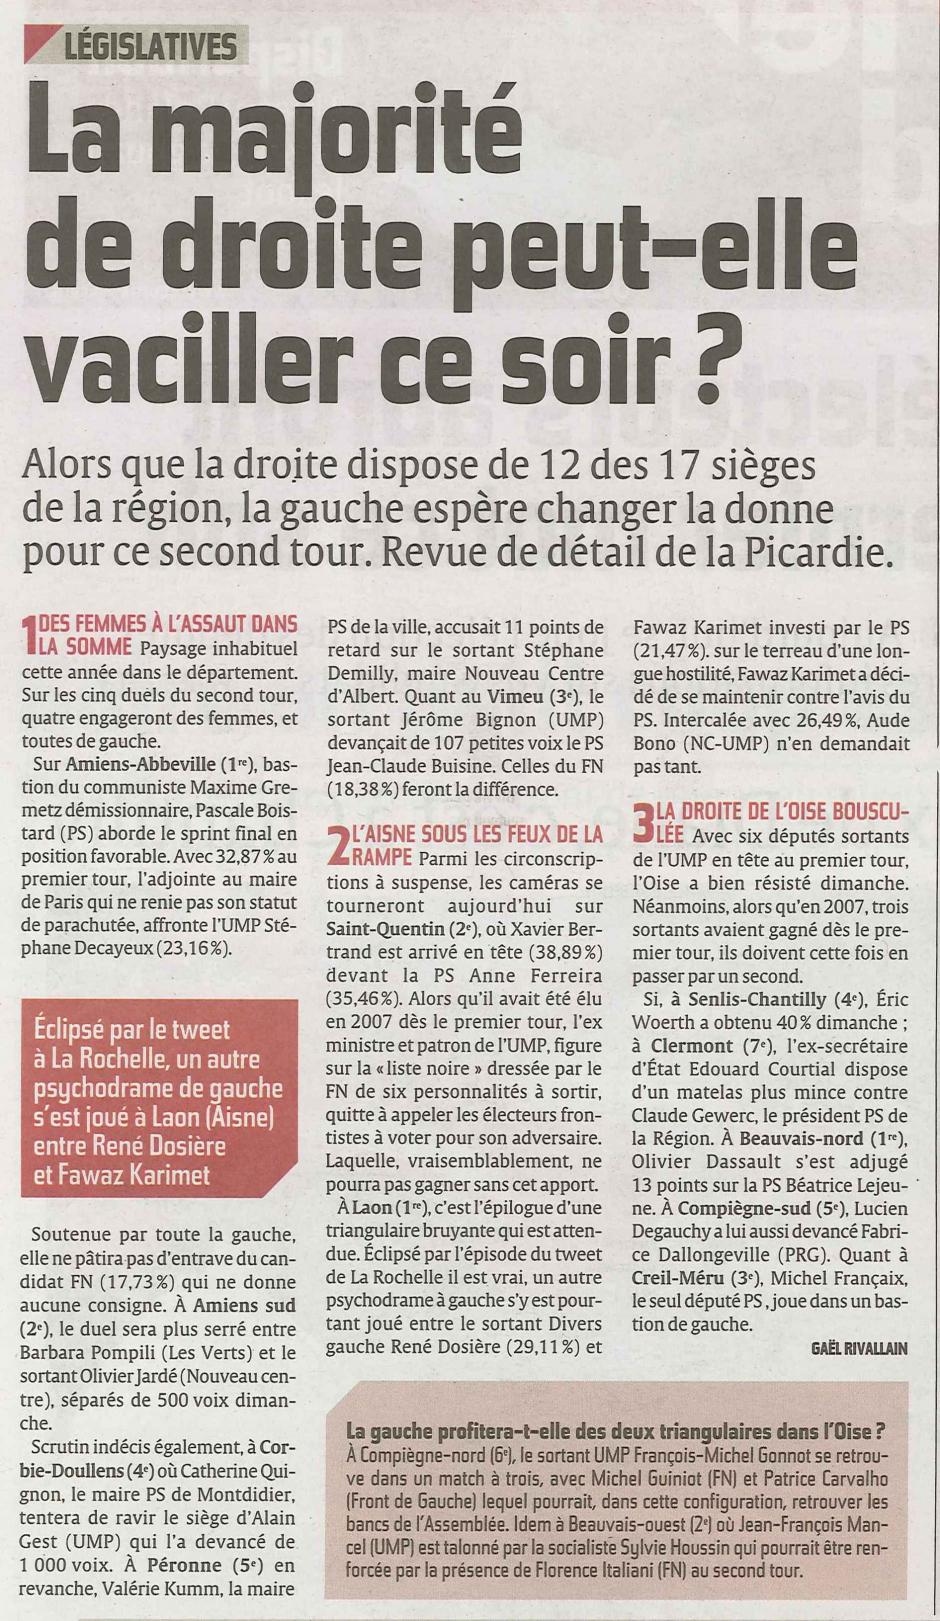 20120617-CP-Législatives-La majorité de droite en Picardie peut-elle vaciller ce soir ?